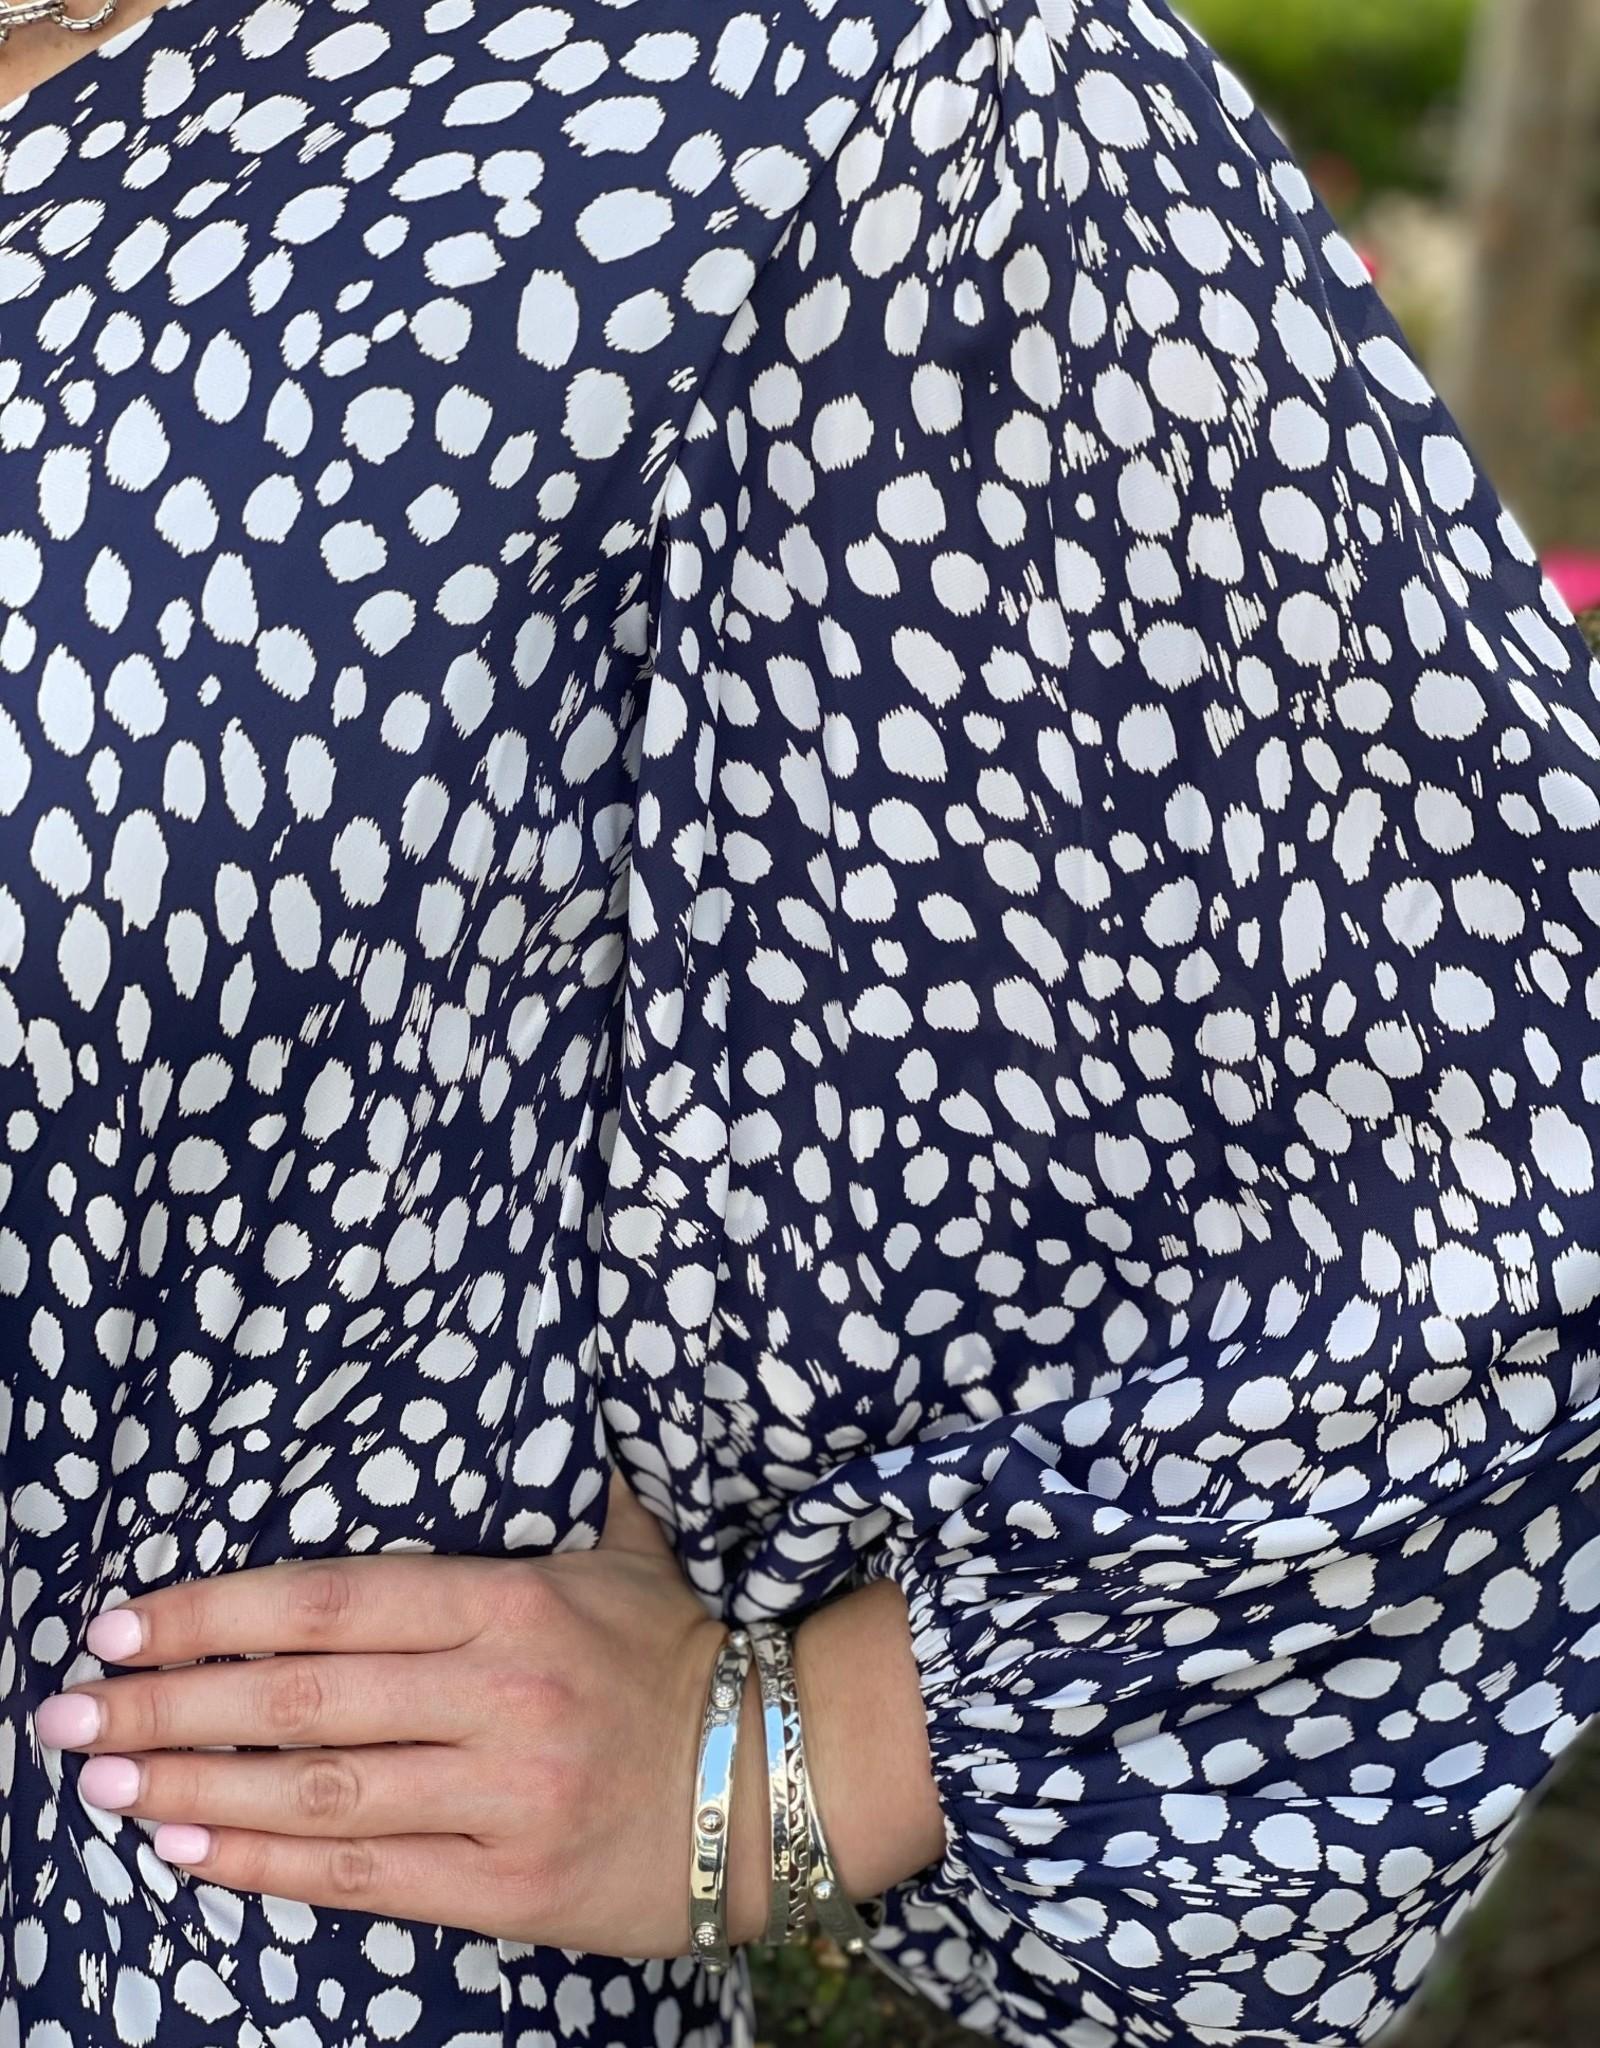 Adrienne Adrienne Silky Bubble Top